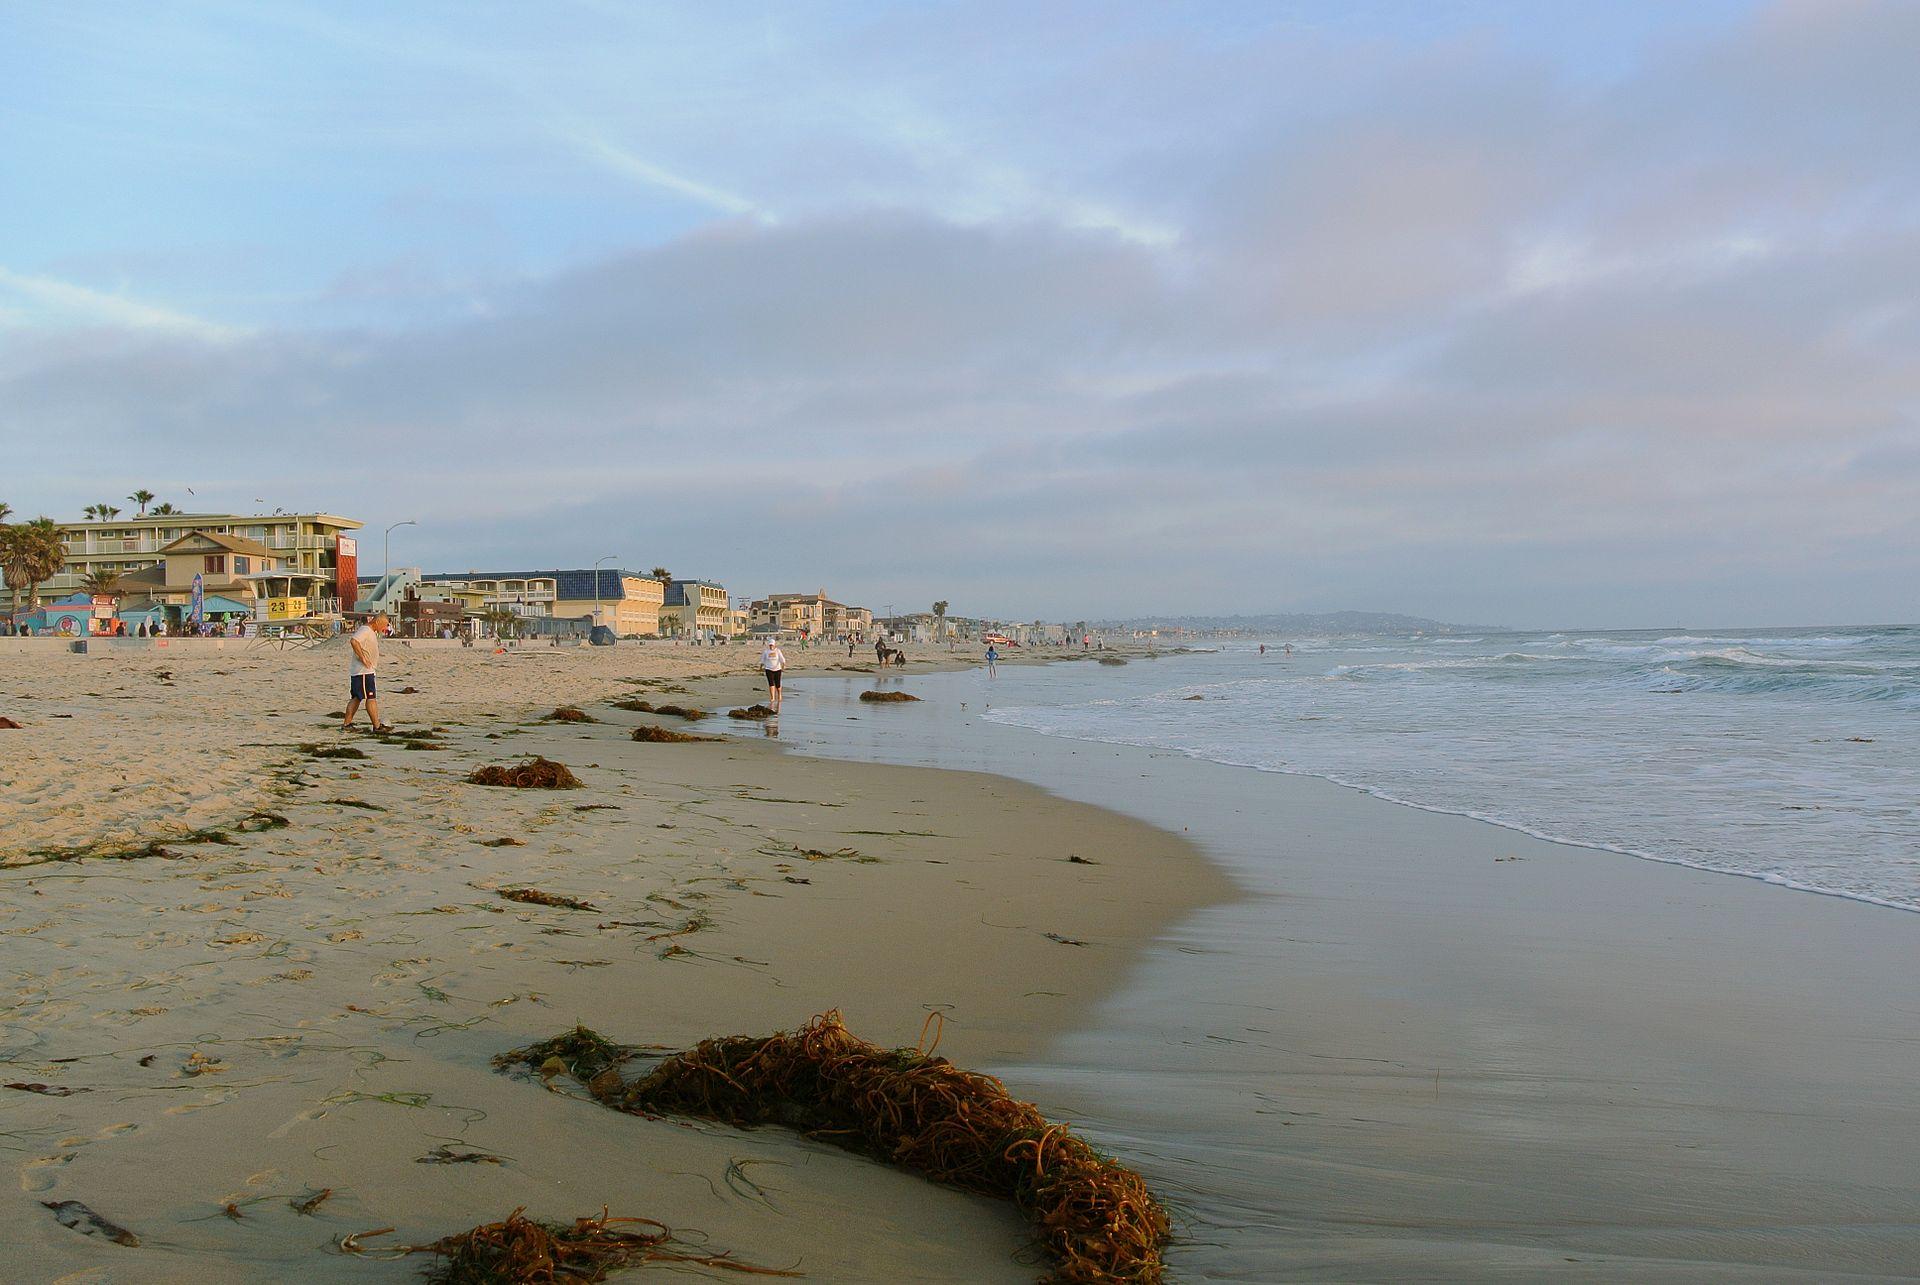 Pacific beach san diego - 2 4